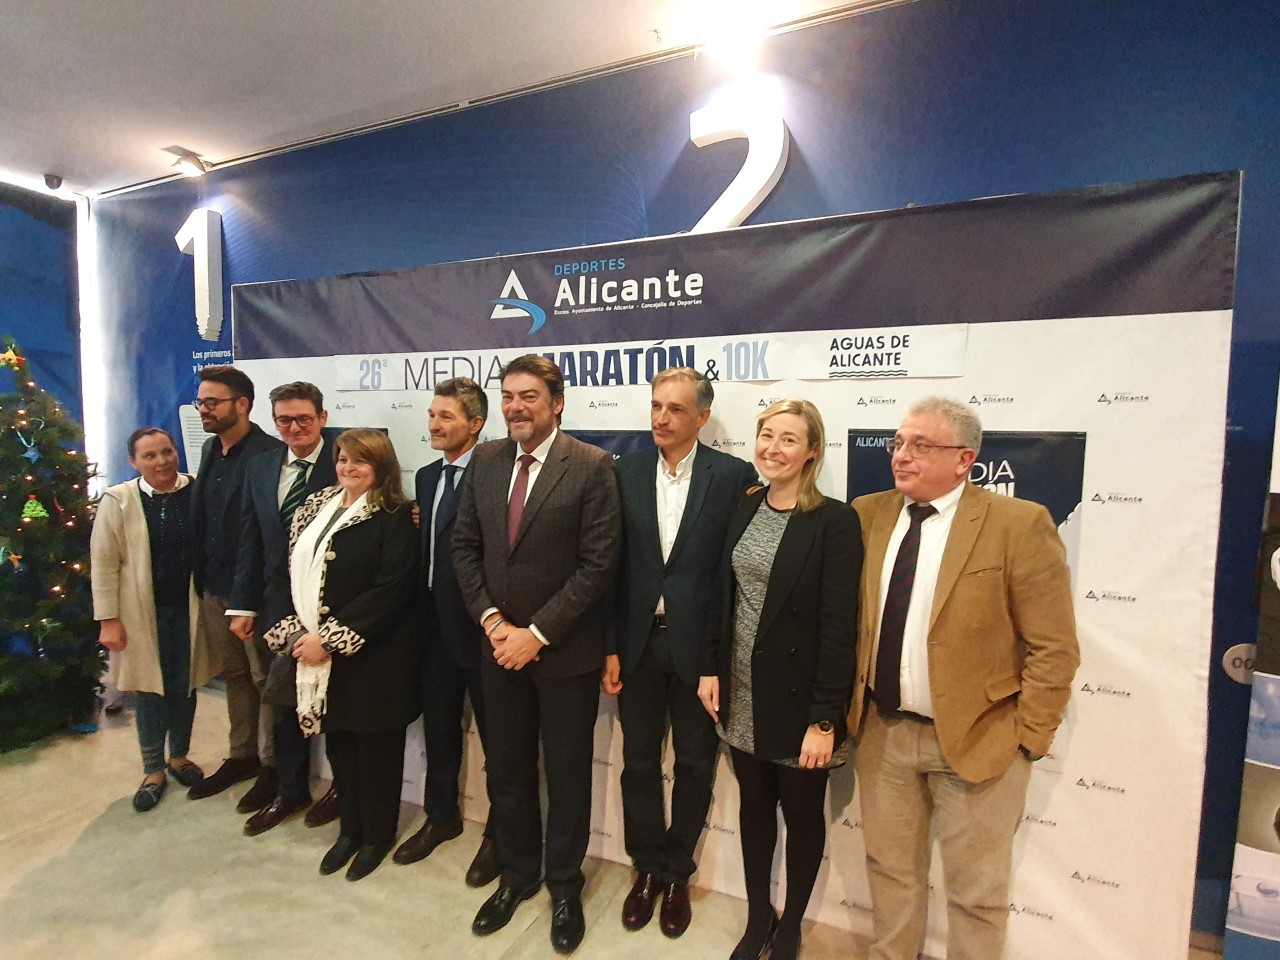 Barcala junto a varios concejales del gobierno municipales y Bartual en la presentación de la Media Maratón de Alicante / Alejandro Ferrer